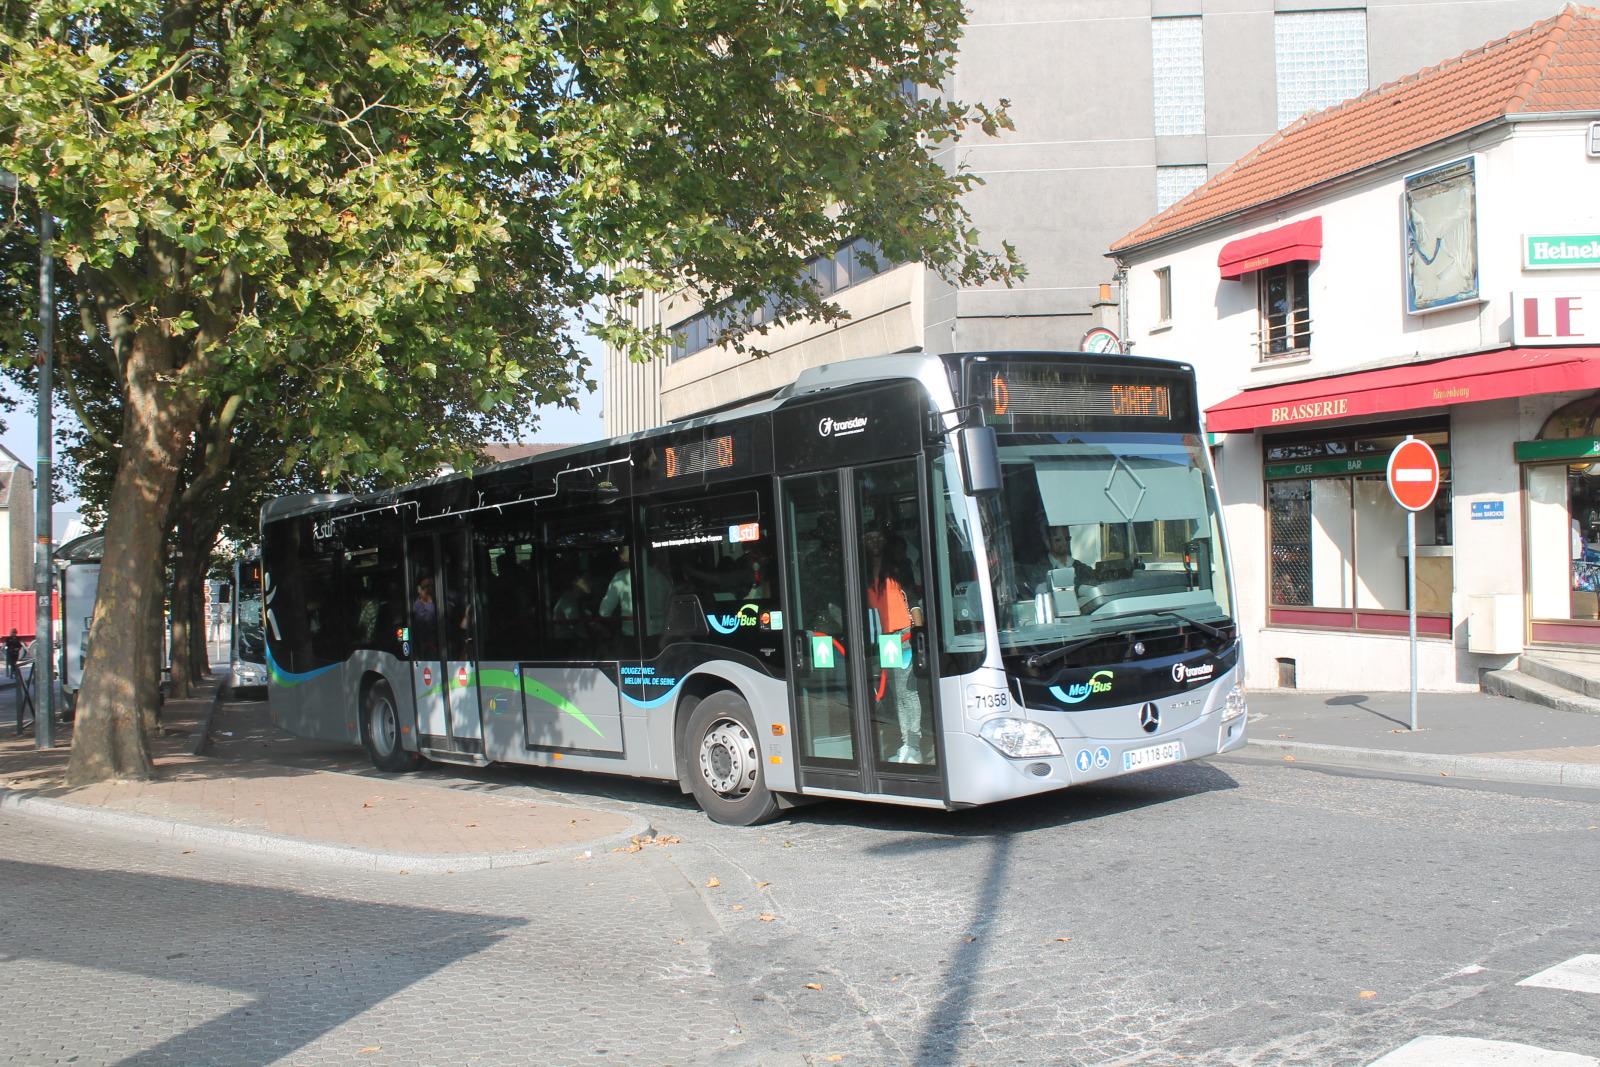 L'offre de bus sur le territoire évolue